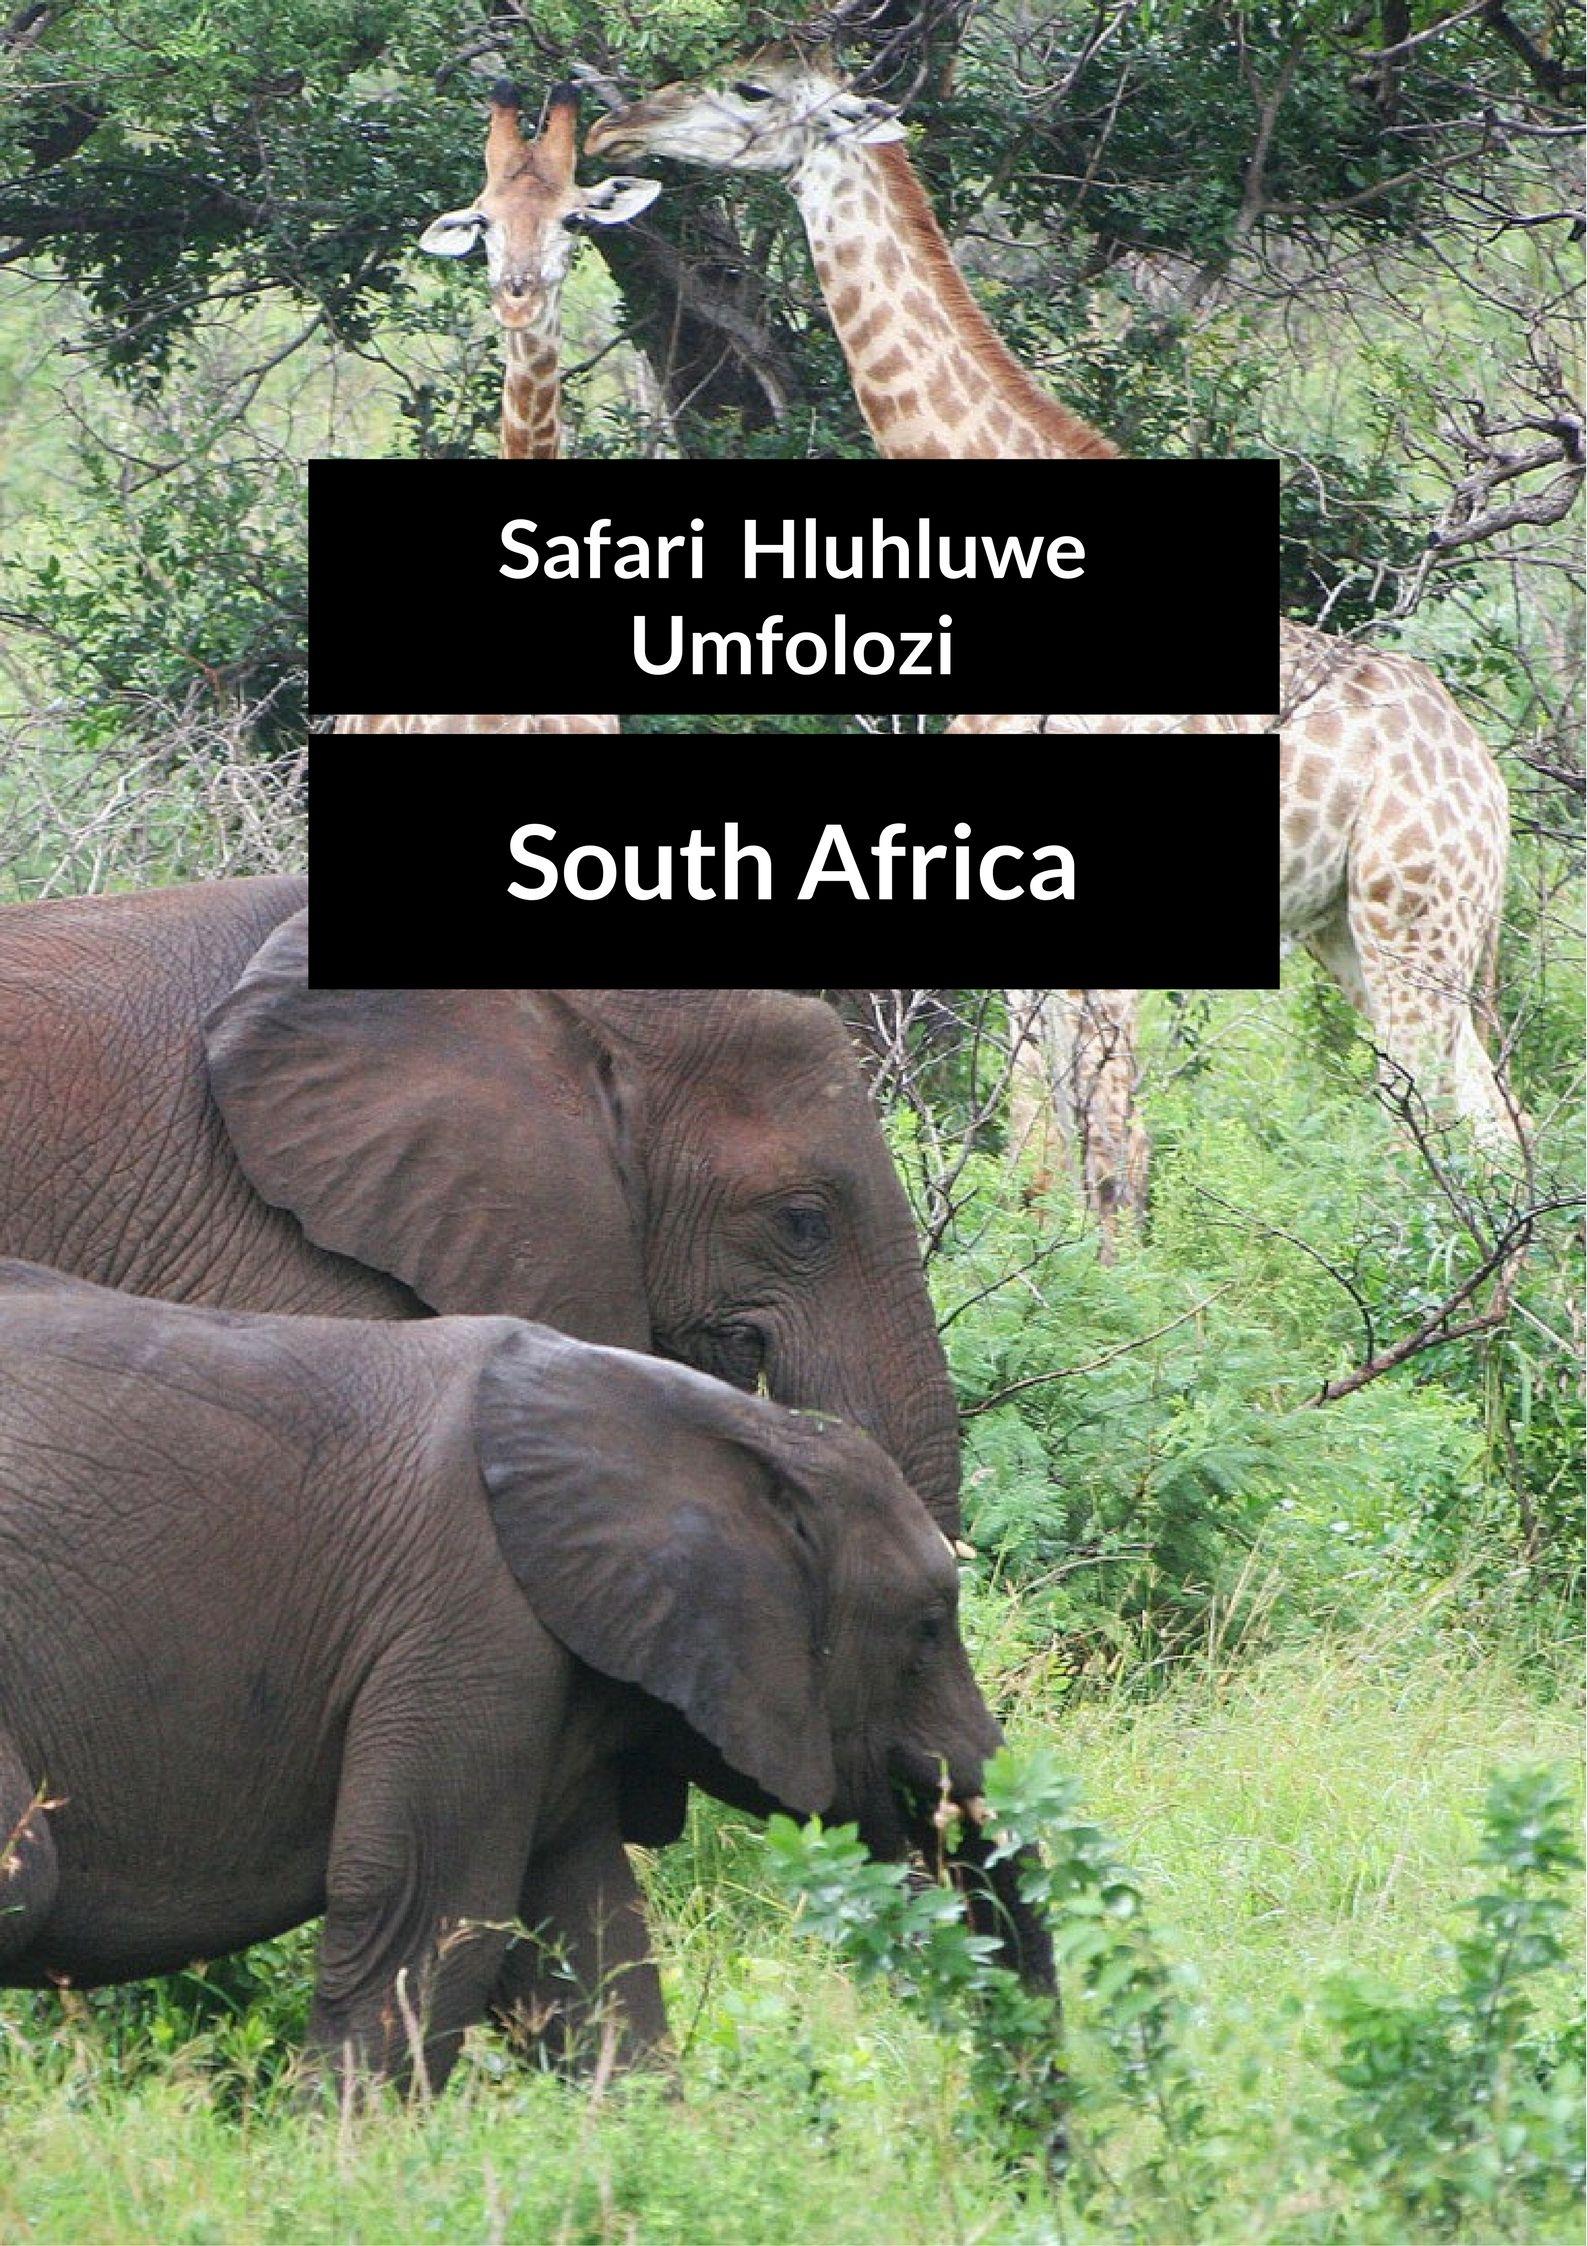 Op safari door het Hluhluwe Umfolozi park